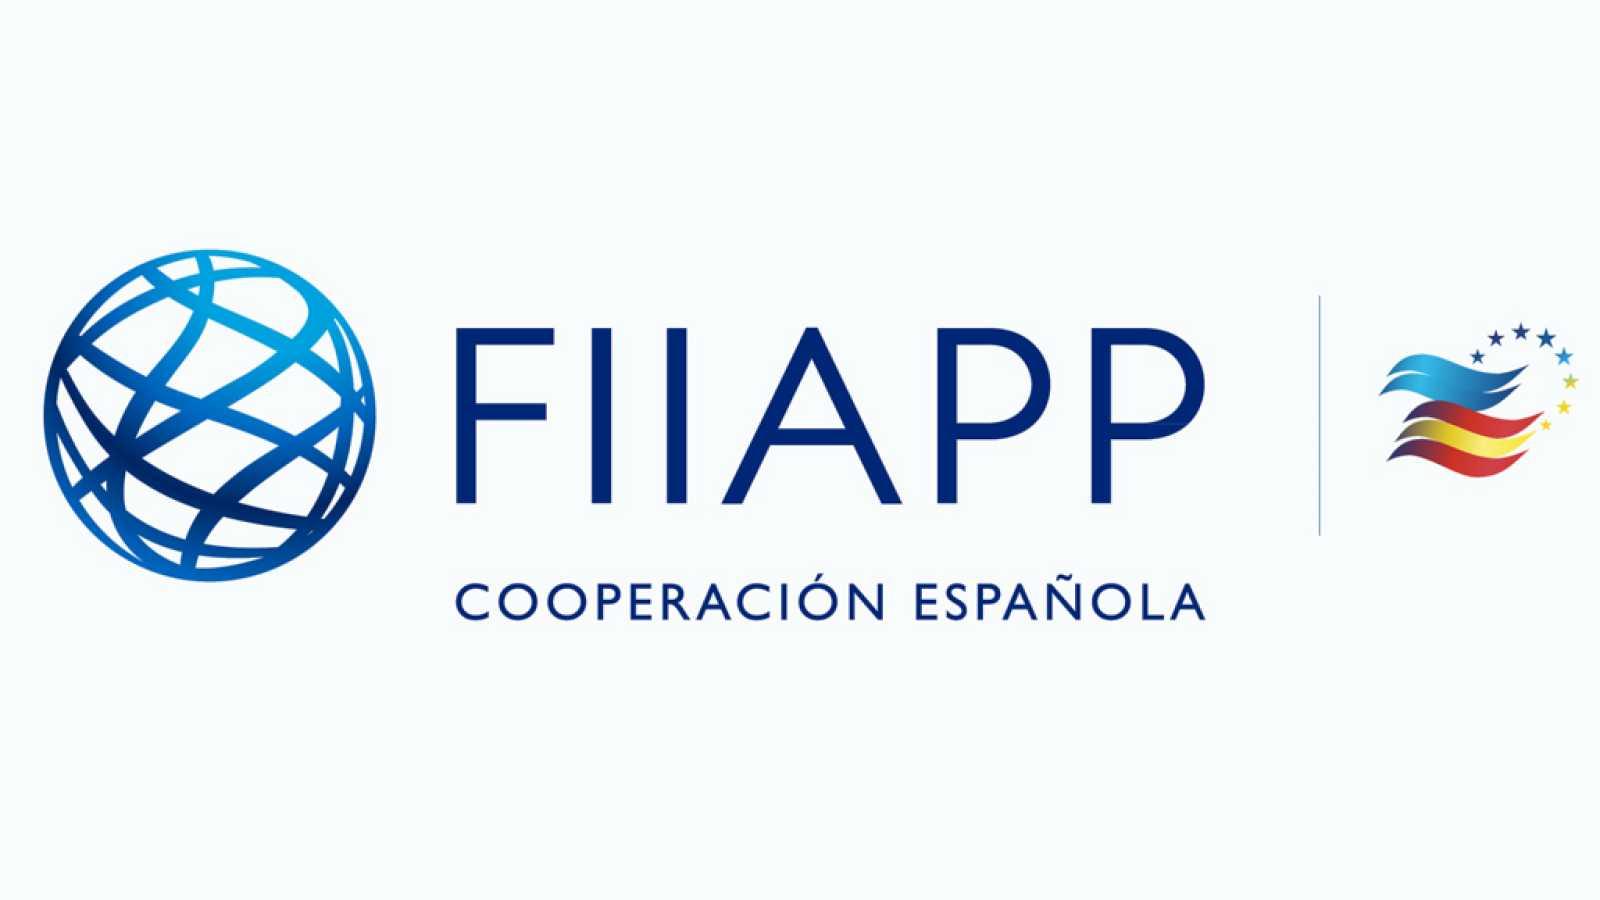 Cooperación pública en el mundo - El trabajo de la FIIAPP con las instituciones públicas: El Ministerio del Interior - 30/09/20 - Escuchar ahora